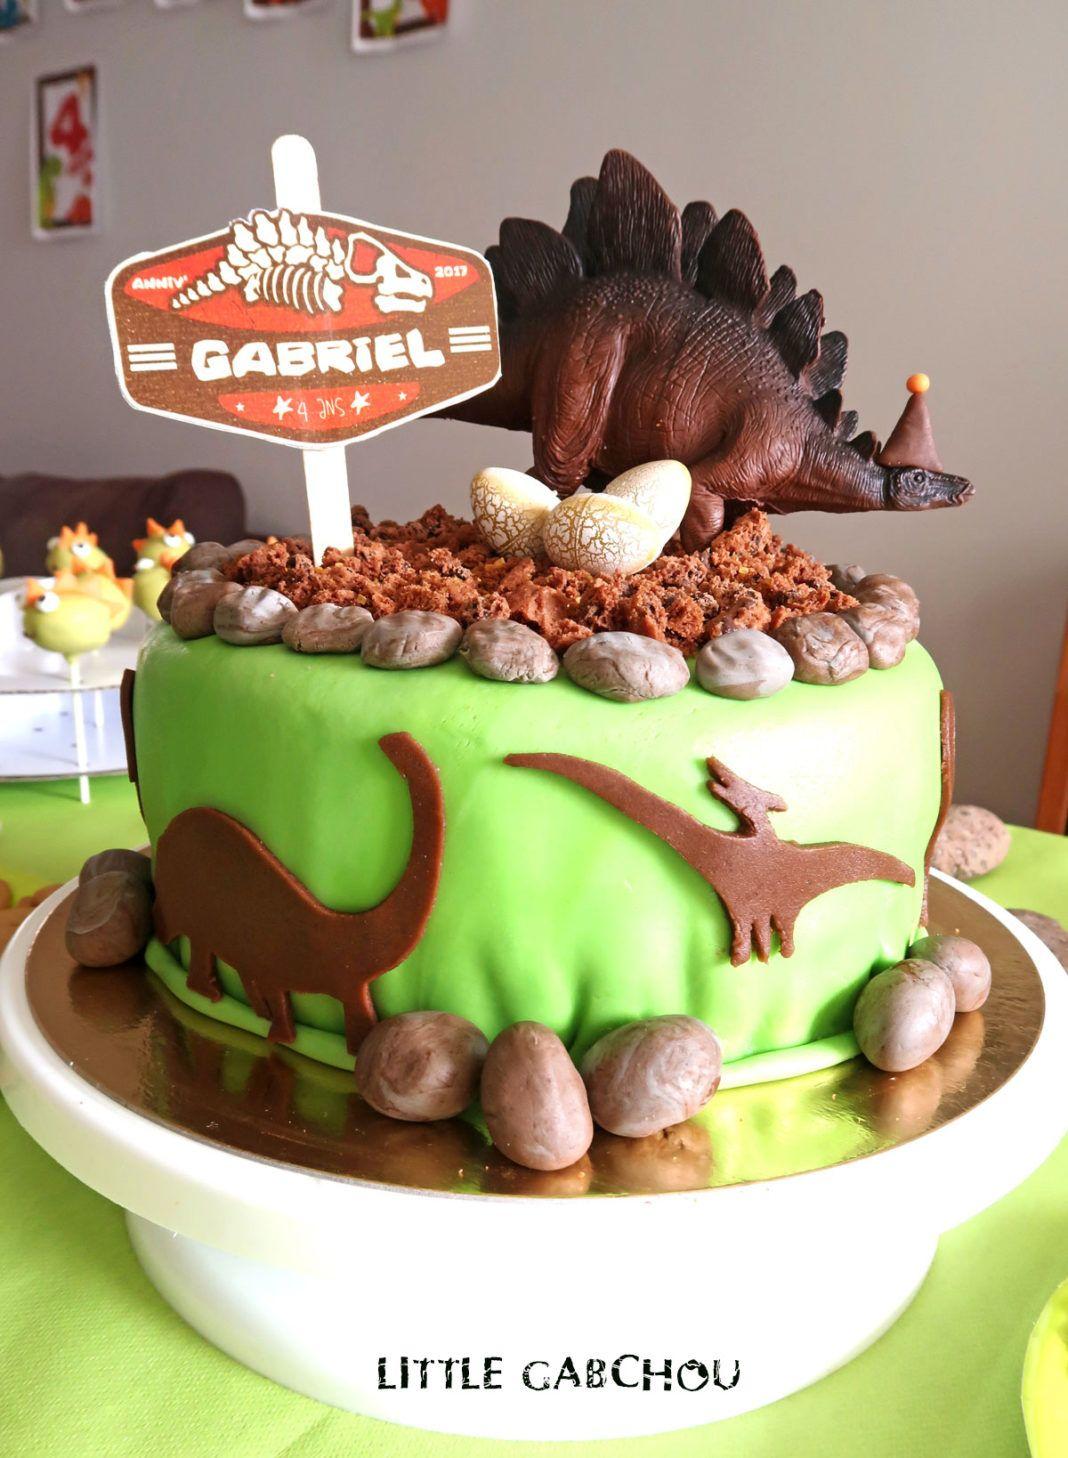 Recette pour g teau dinosaures f te anniversaire enfant geburtstag et geburt - Dinosaure rigolo ...